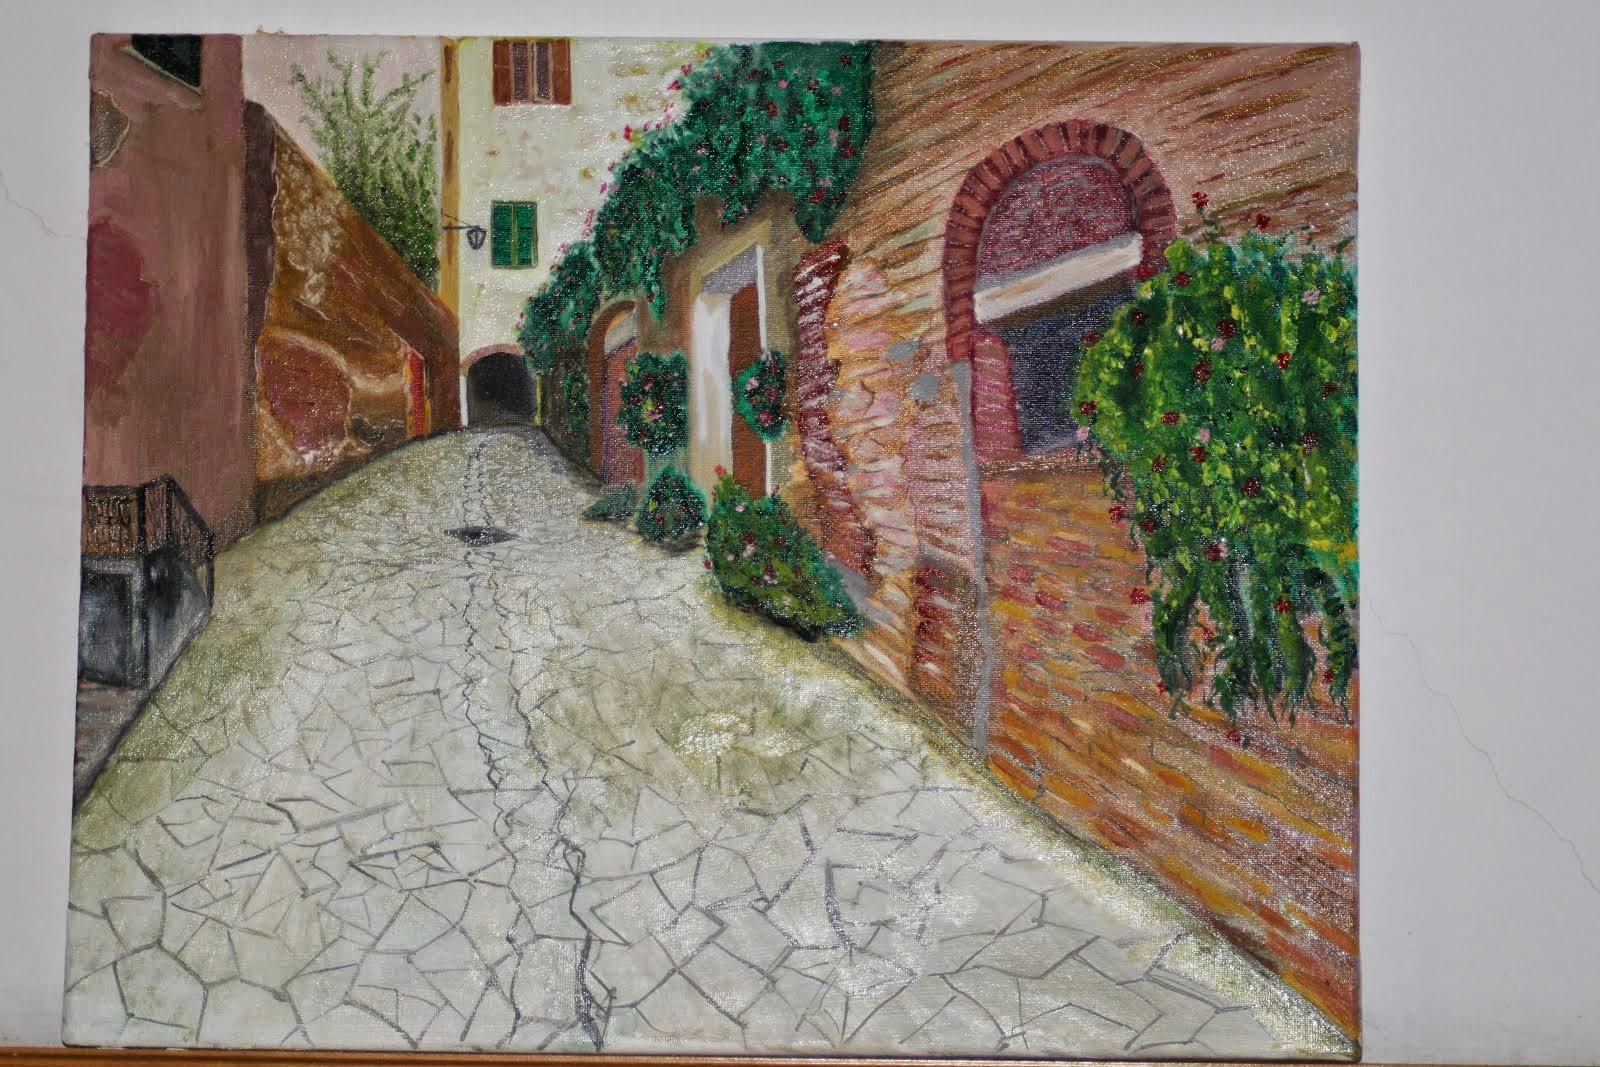 Toscana (Vicolo) Pittore-Galletti.G.